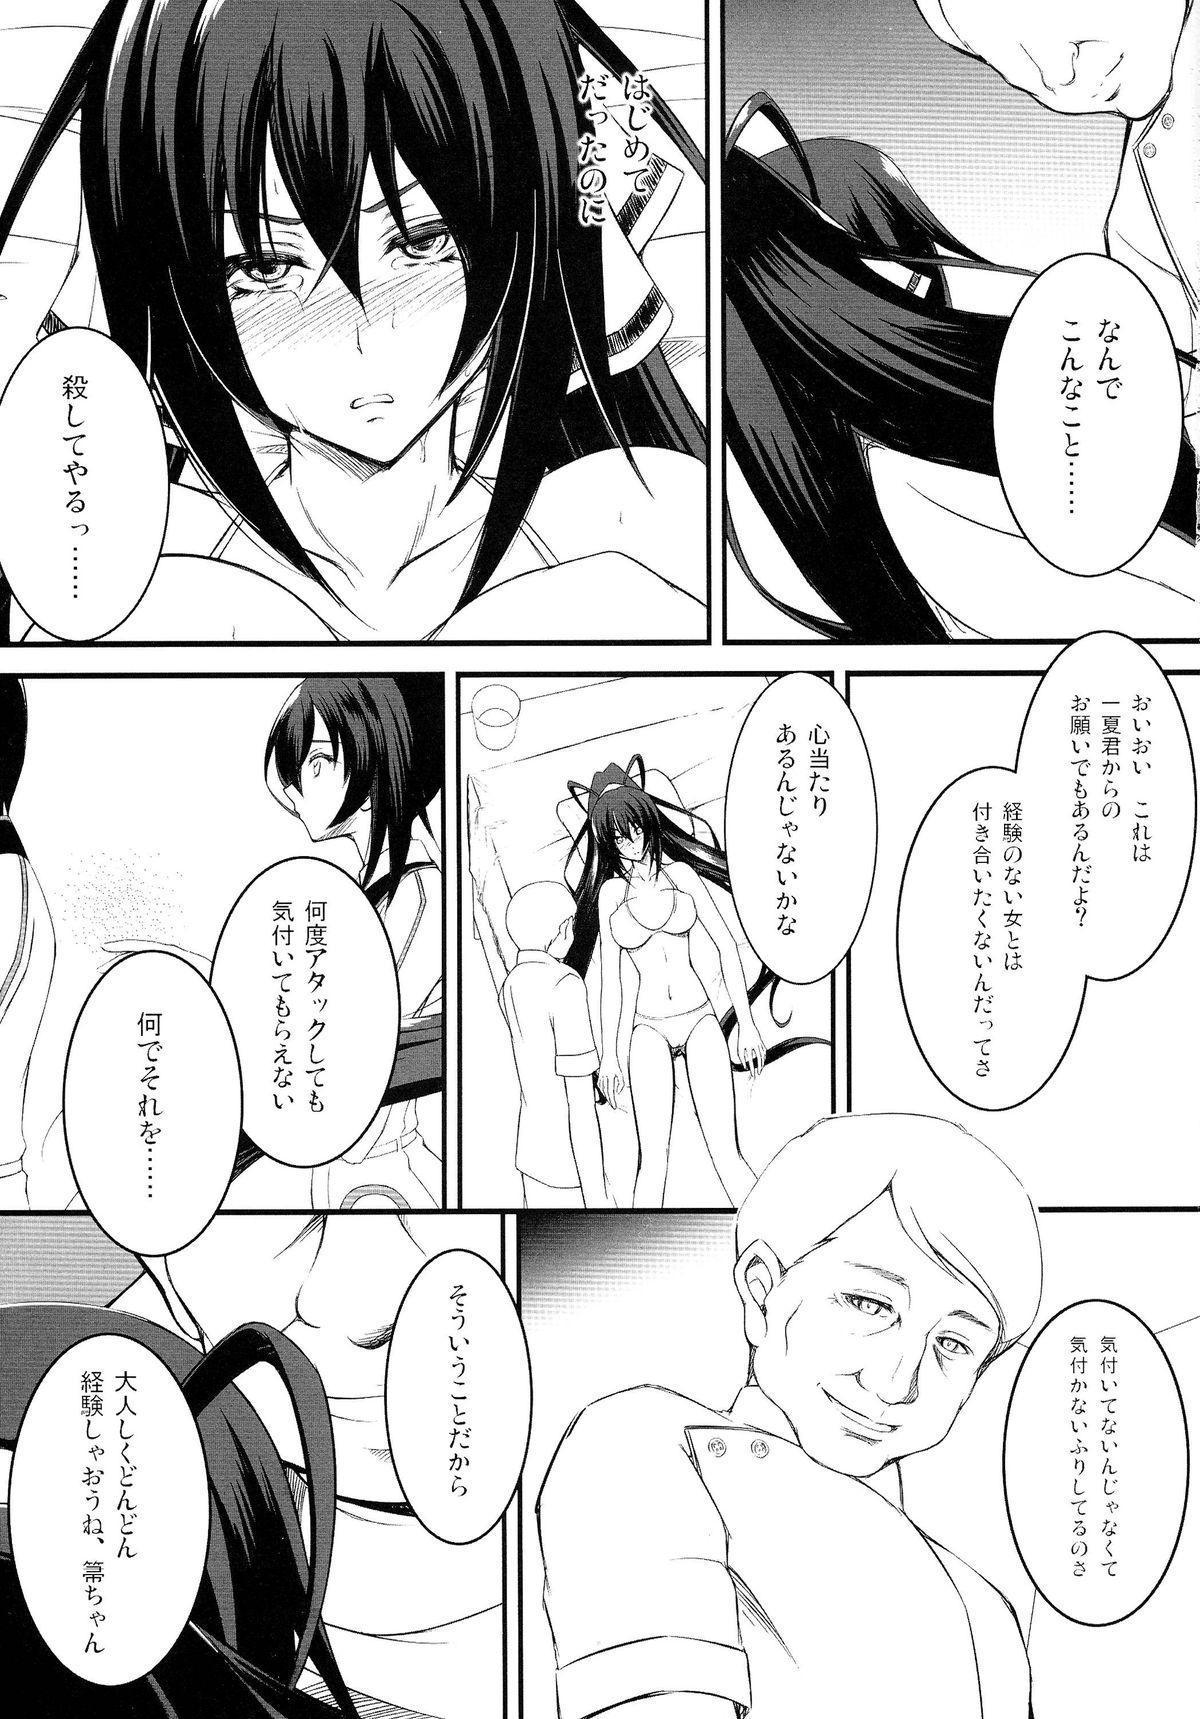 Fuguu-kei Heroine 8